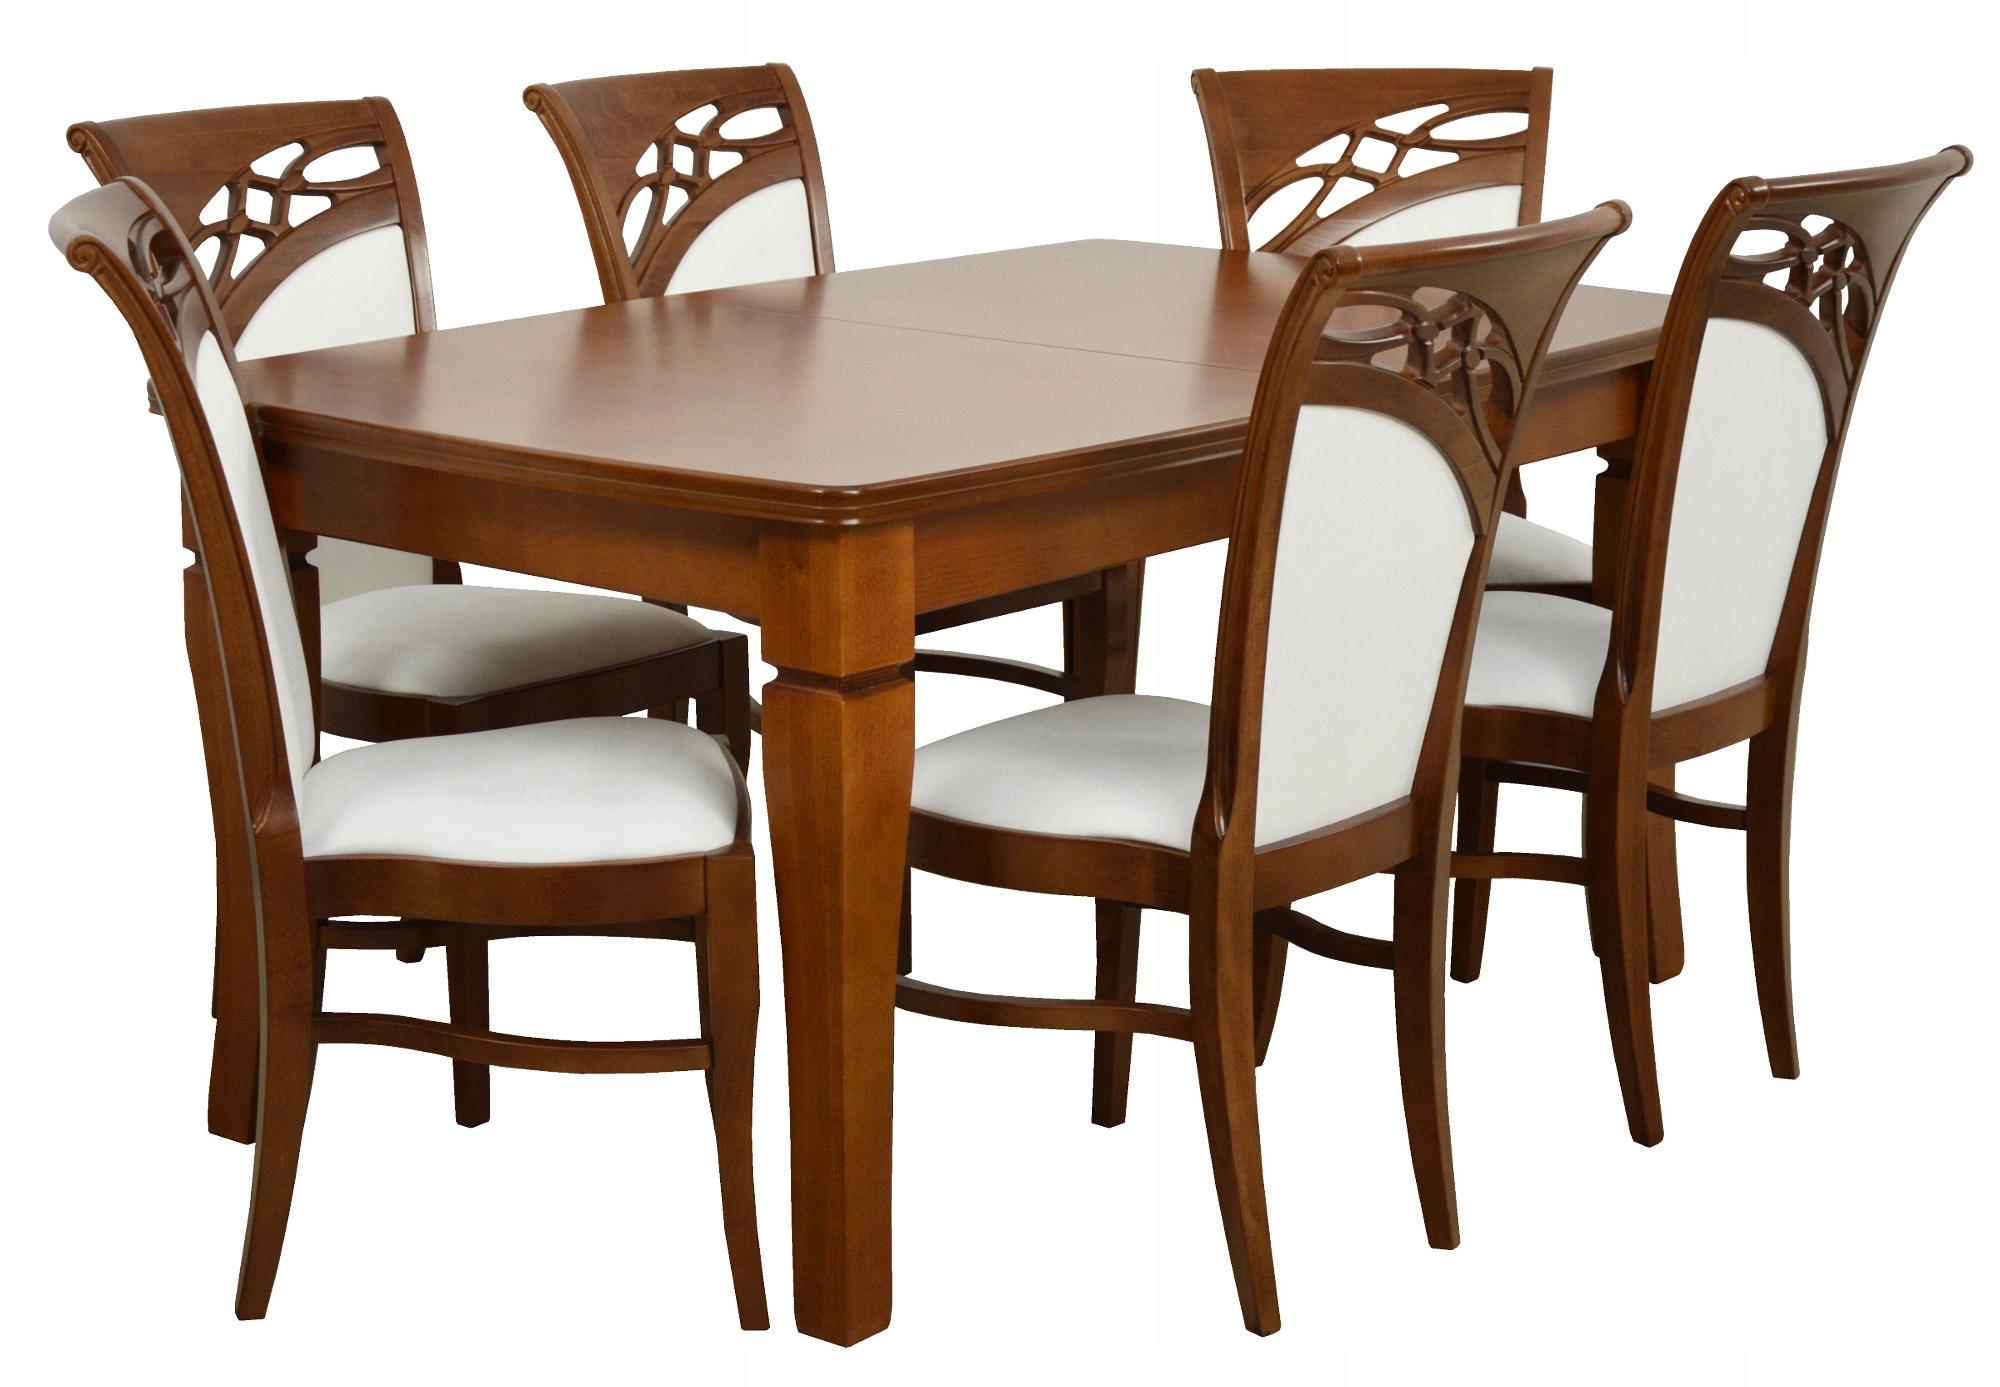 Stół 6 Krzeseł Do Kuchni Styl Włoski Dębowe 7539006129